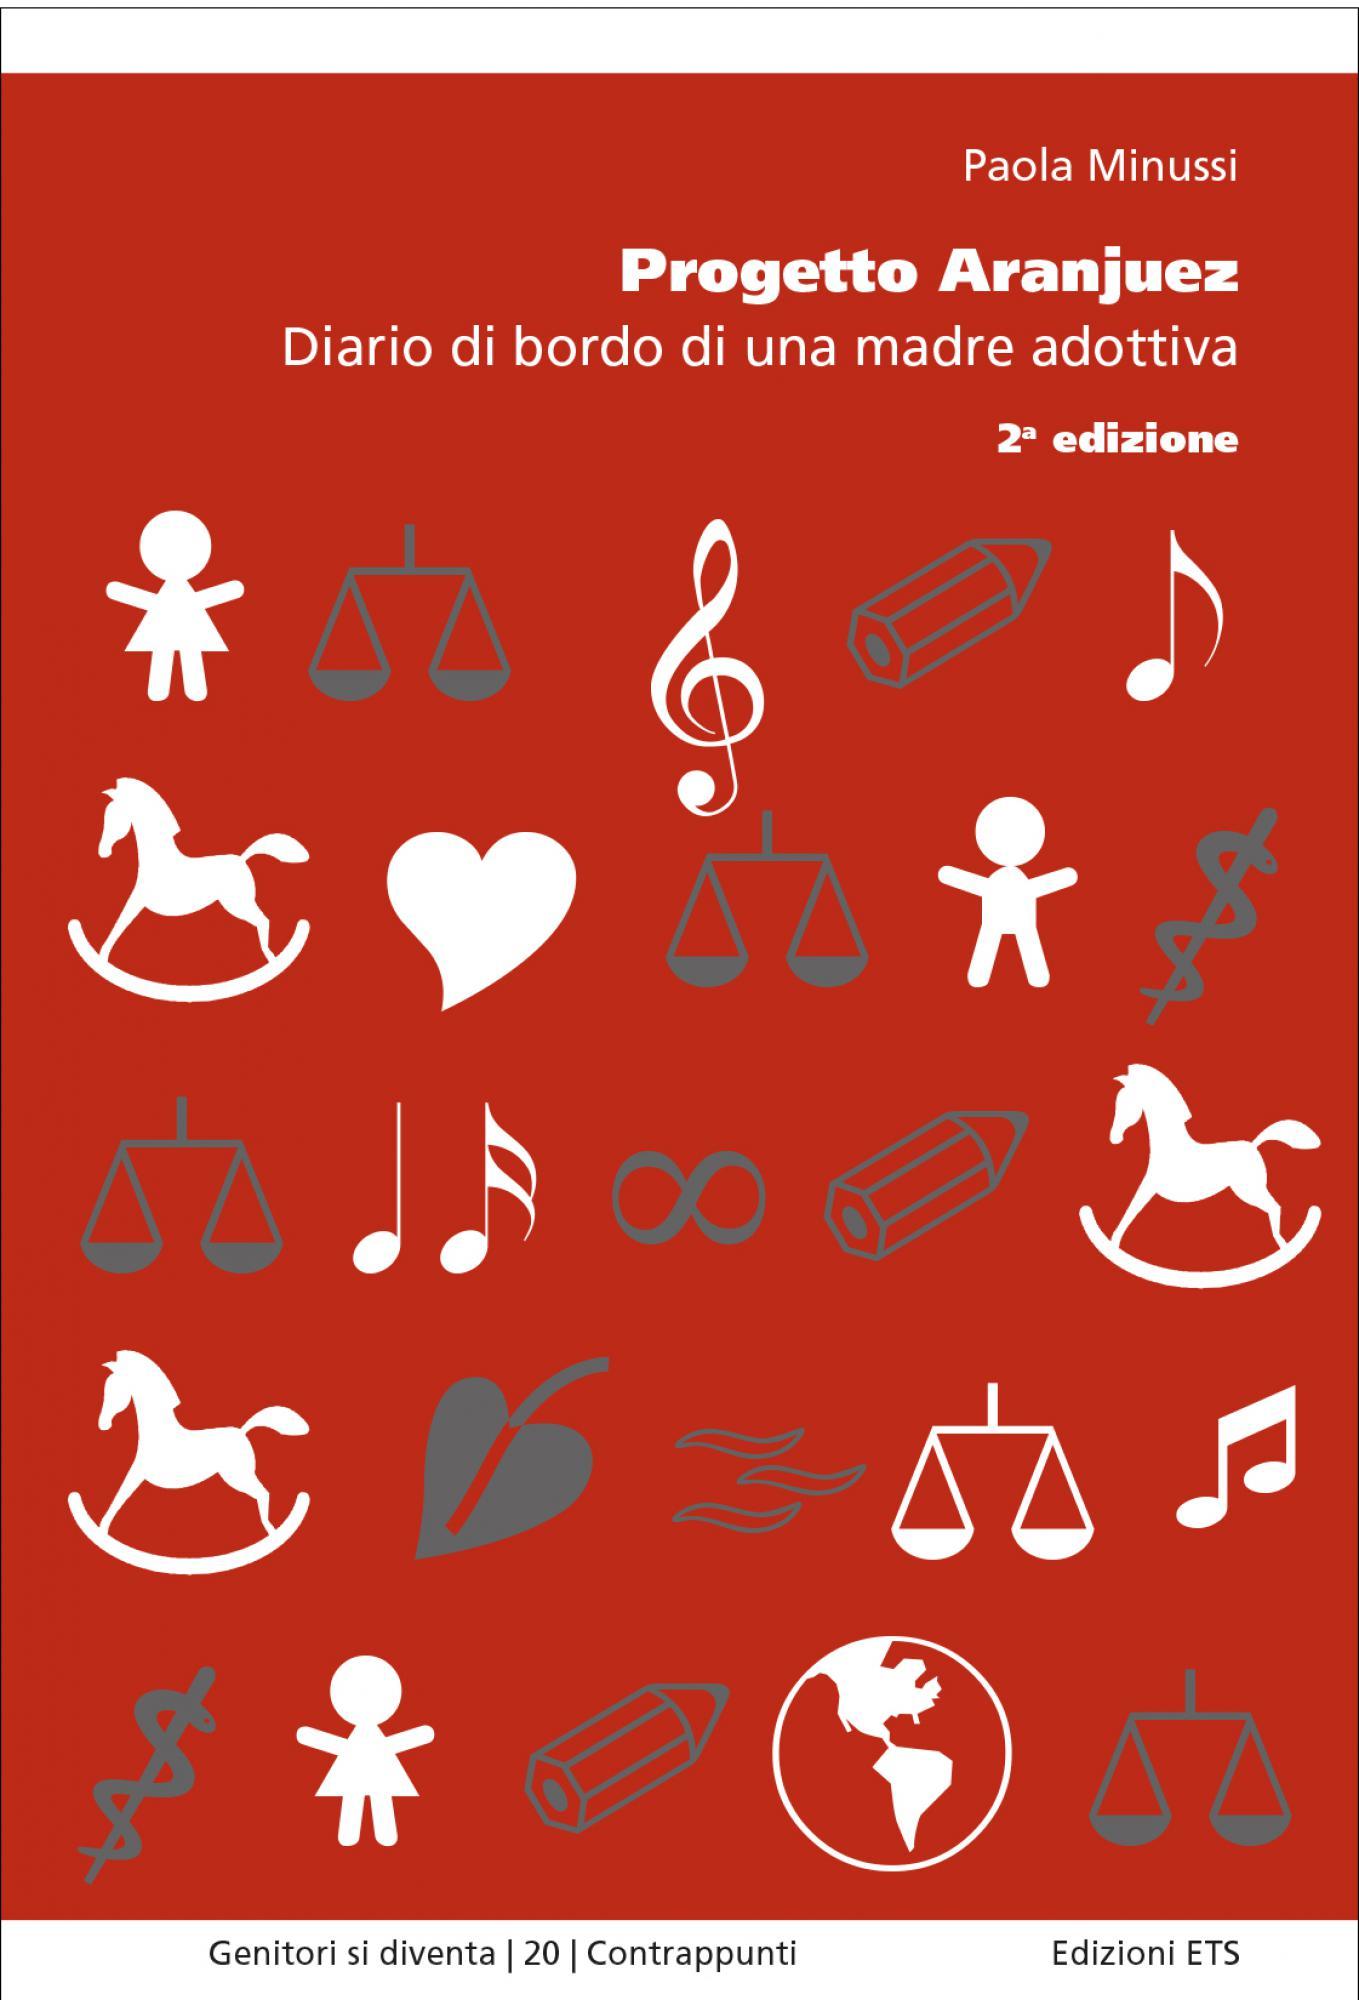 Progetto Aranjuez.Diario di bordo di una madre adottiva. Seconda edizione